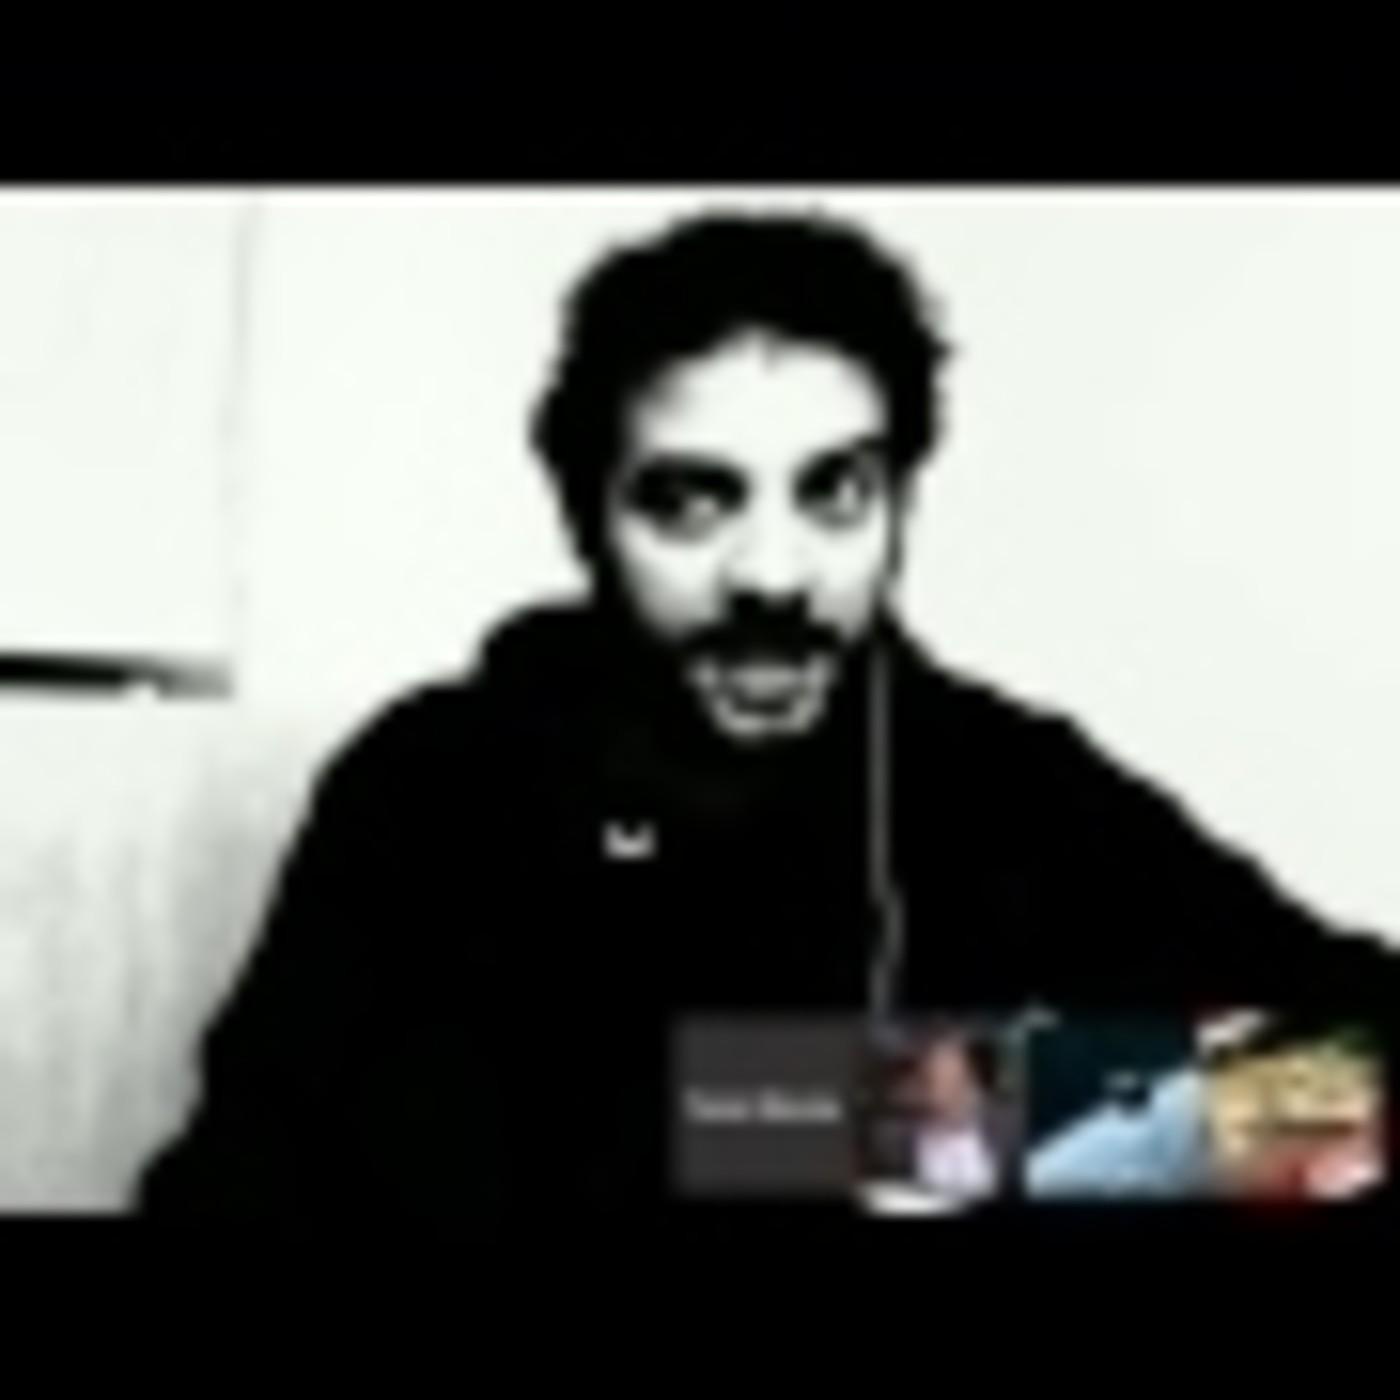 El Misterio y la Conspiración en Youtube - El fanatismo en youtube ...